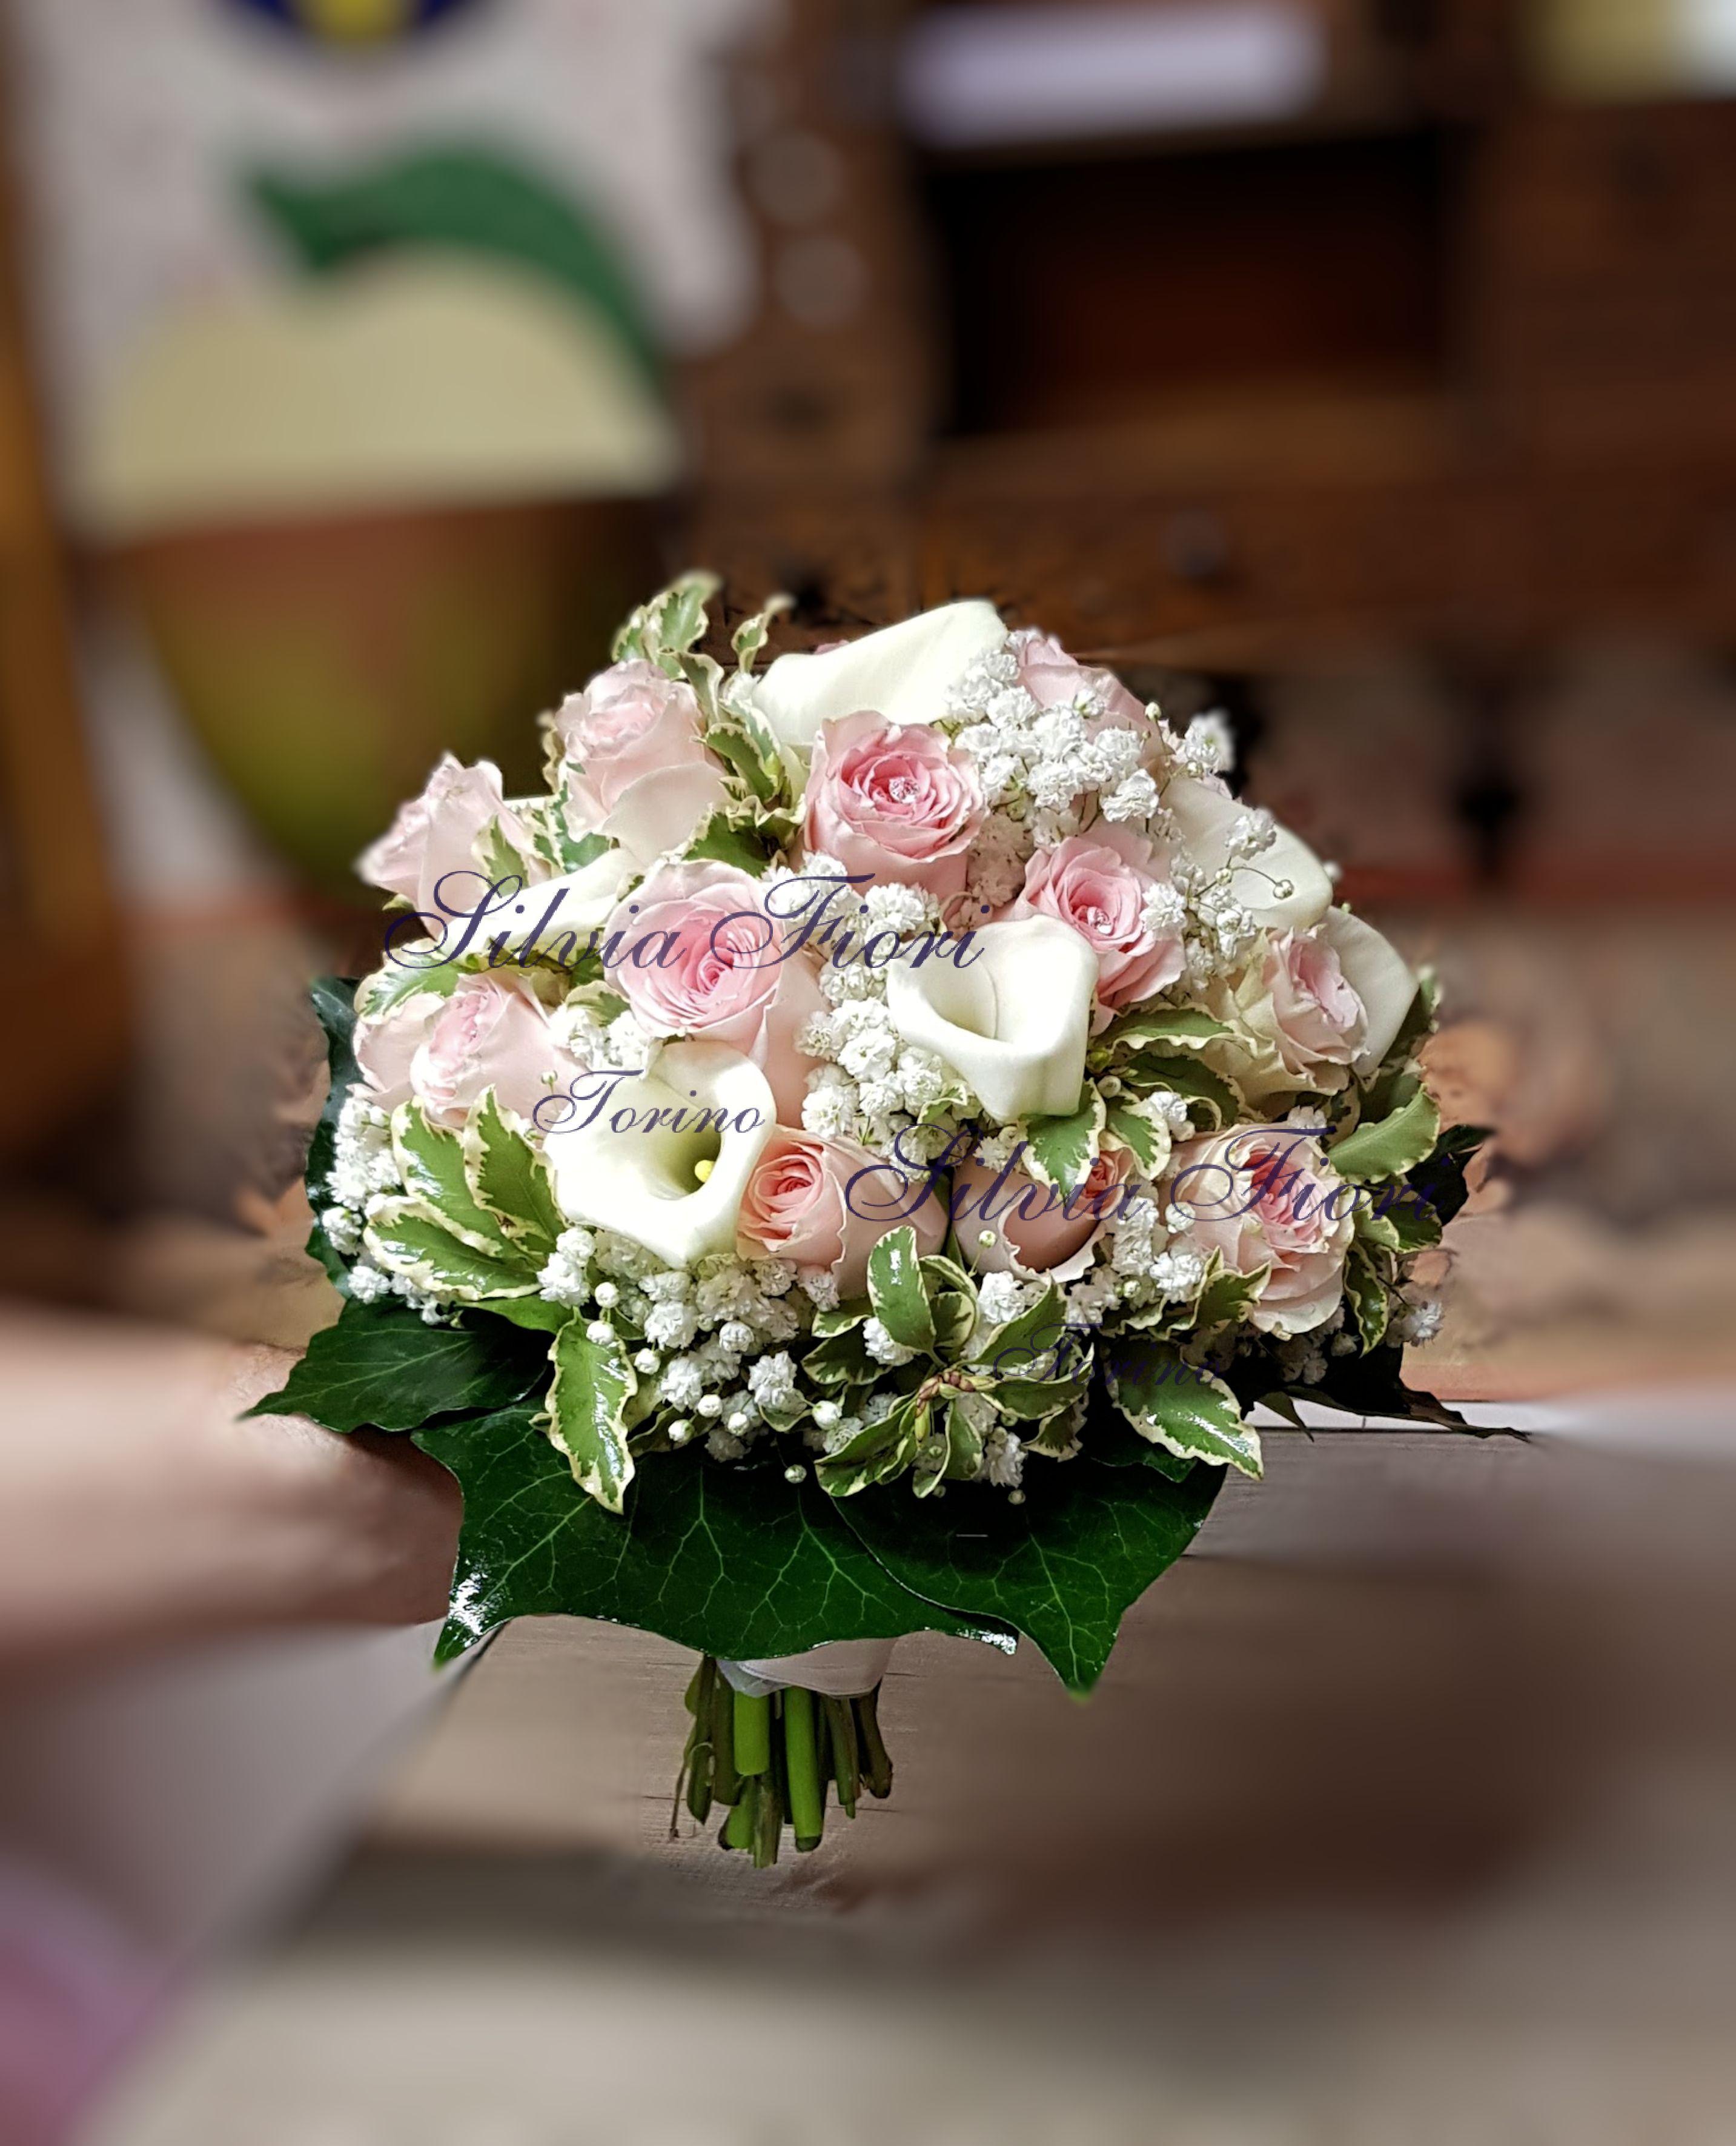 Bouquet Sposa Torino.Bouquet Sposa Rose Rosa Calle Bianche Bouquet Bouquet Di Nozze